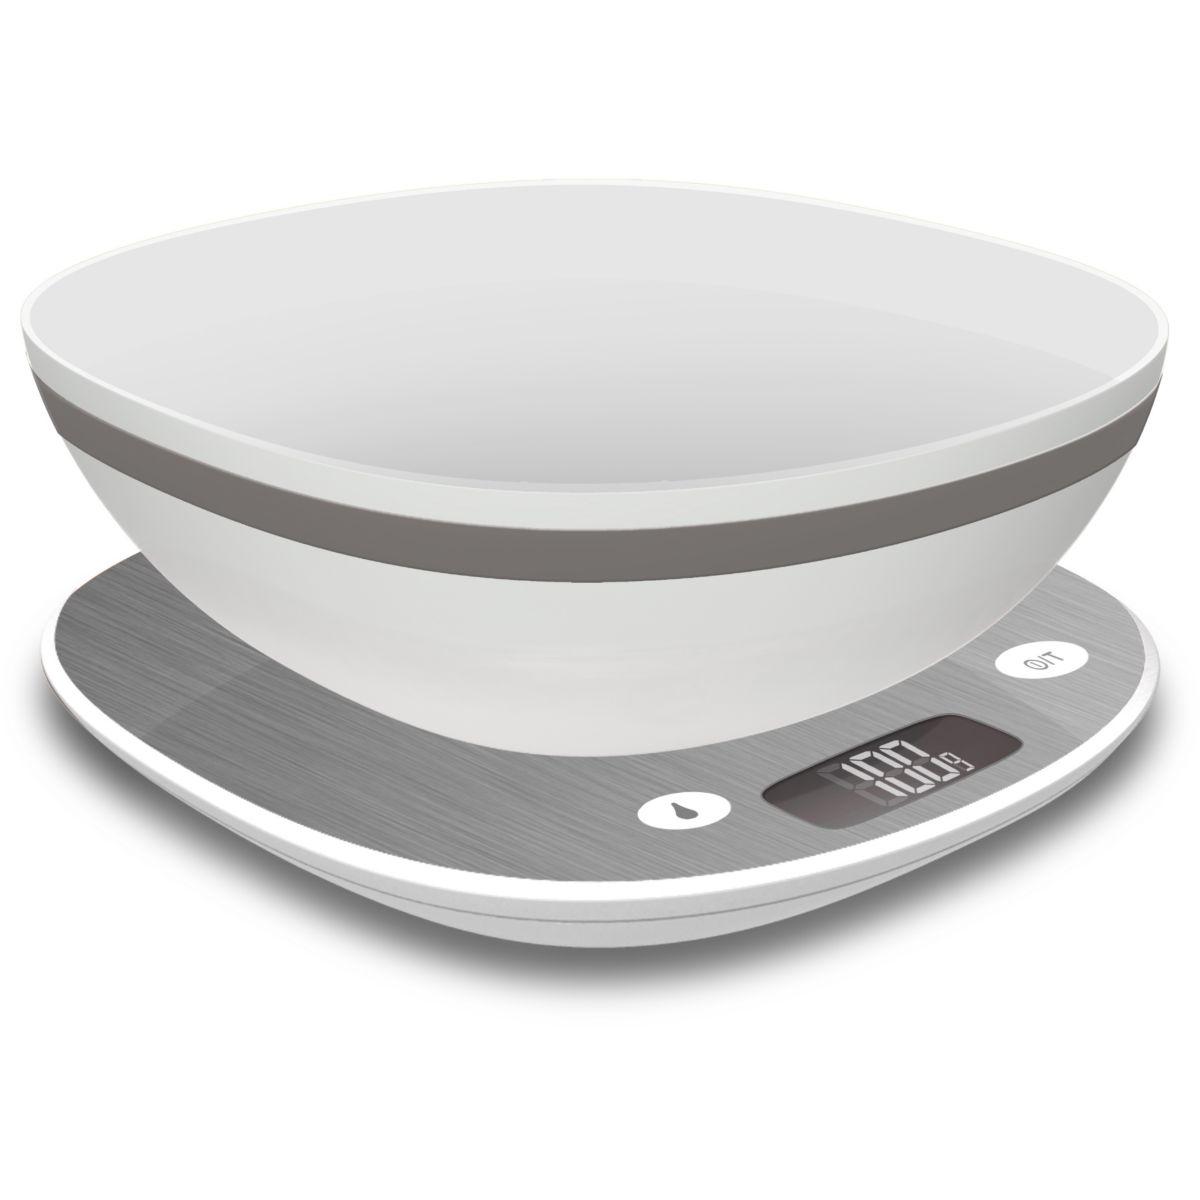 Balance electronique terraillon macaron givre + bol - 10% de remise immédiate avec le code : cool10